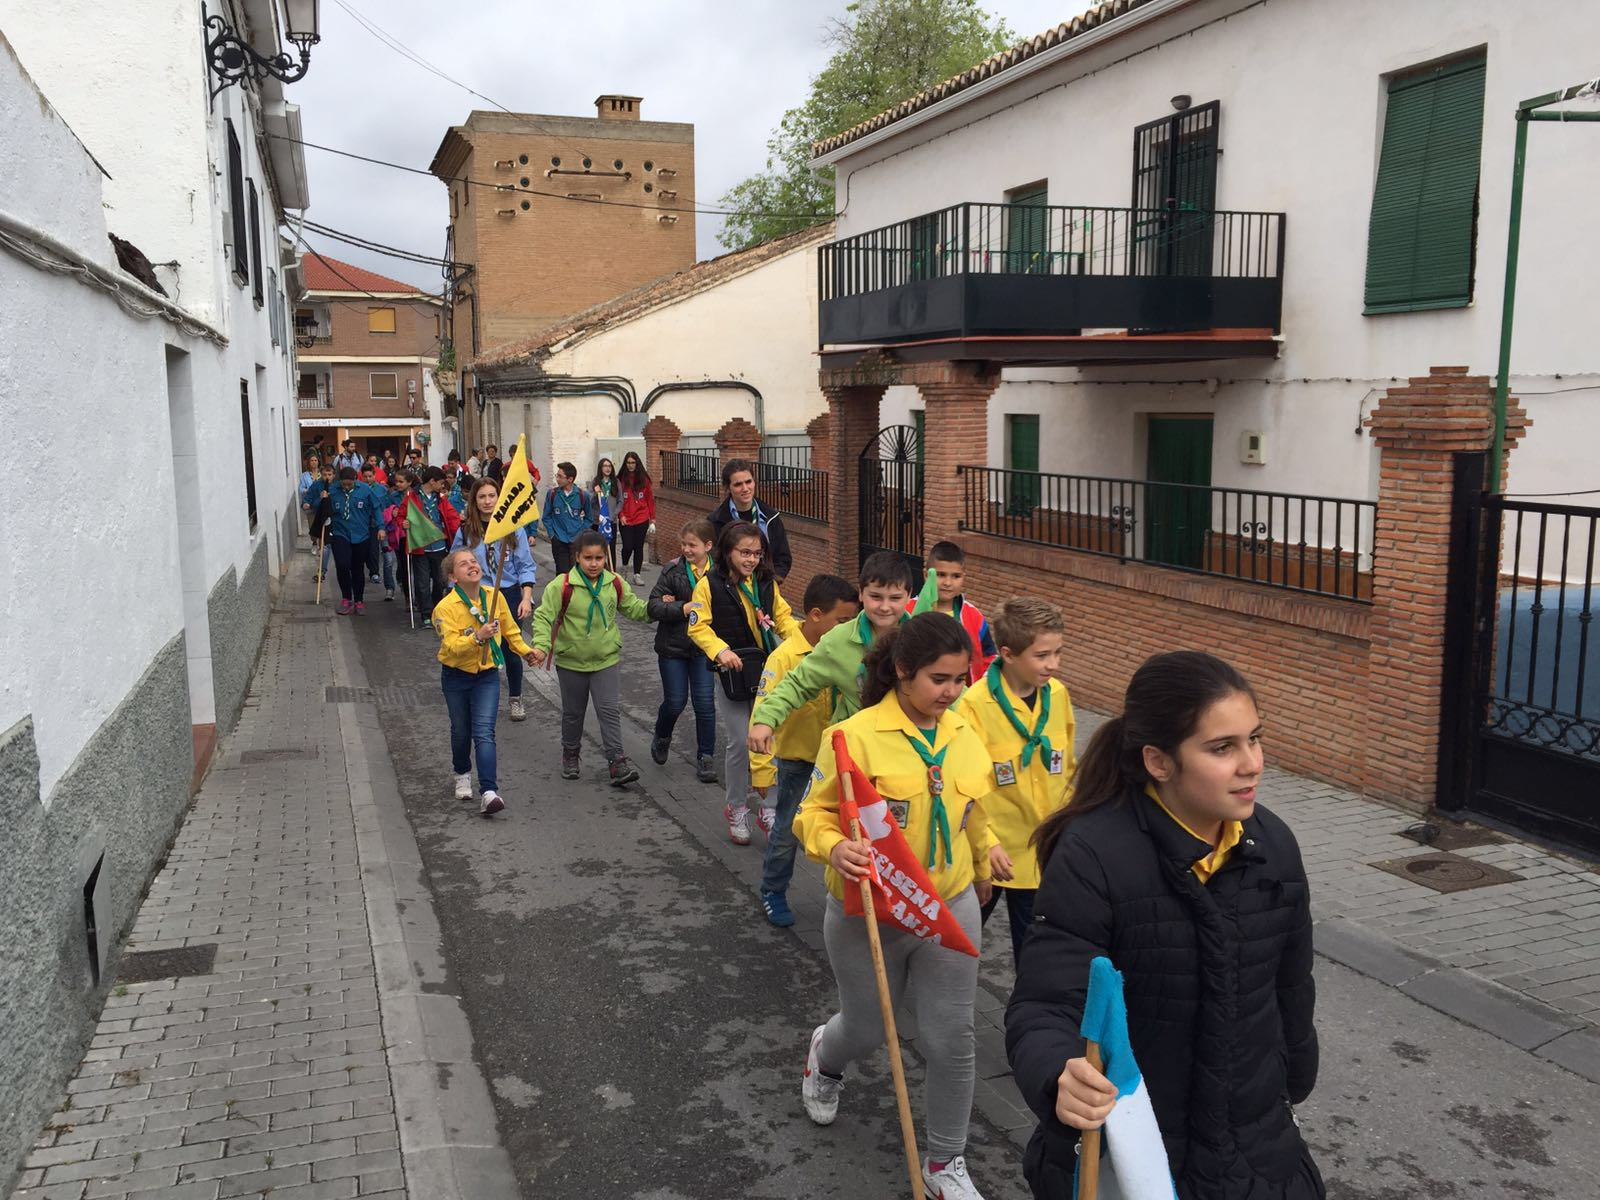 Grupo - Gójar 15 - 15-16